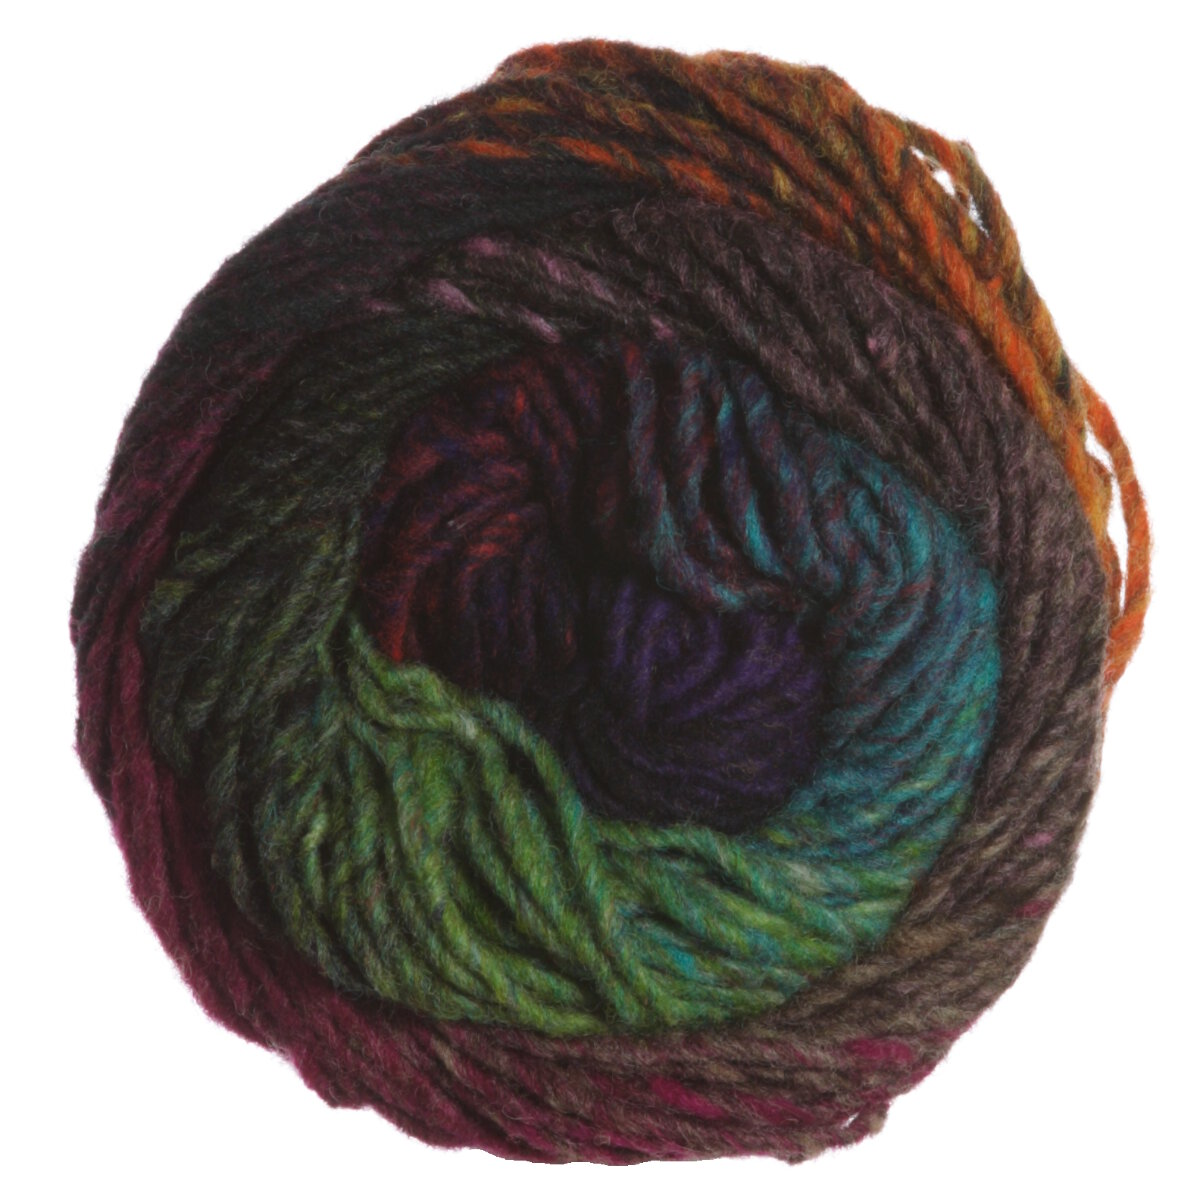 Knitting Pattern For Noro Wool : Noro Kureyon Yarn at Jimmy Beans Wool